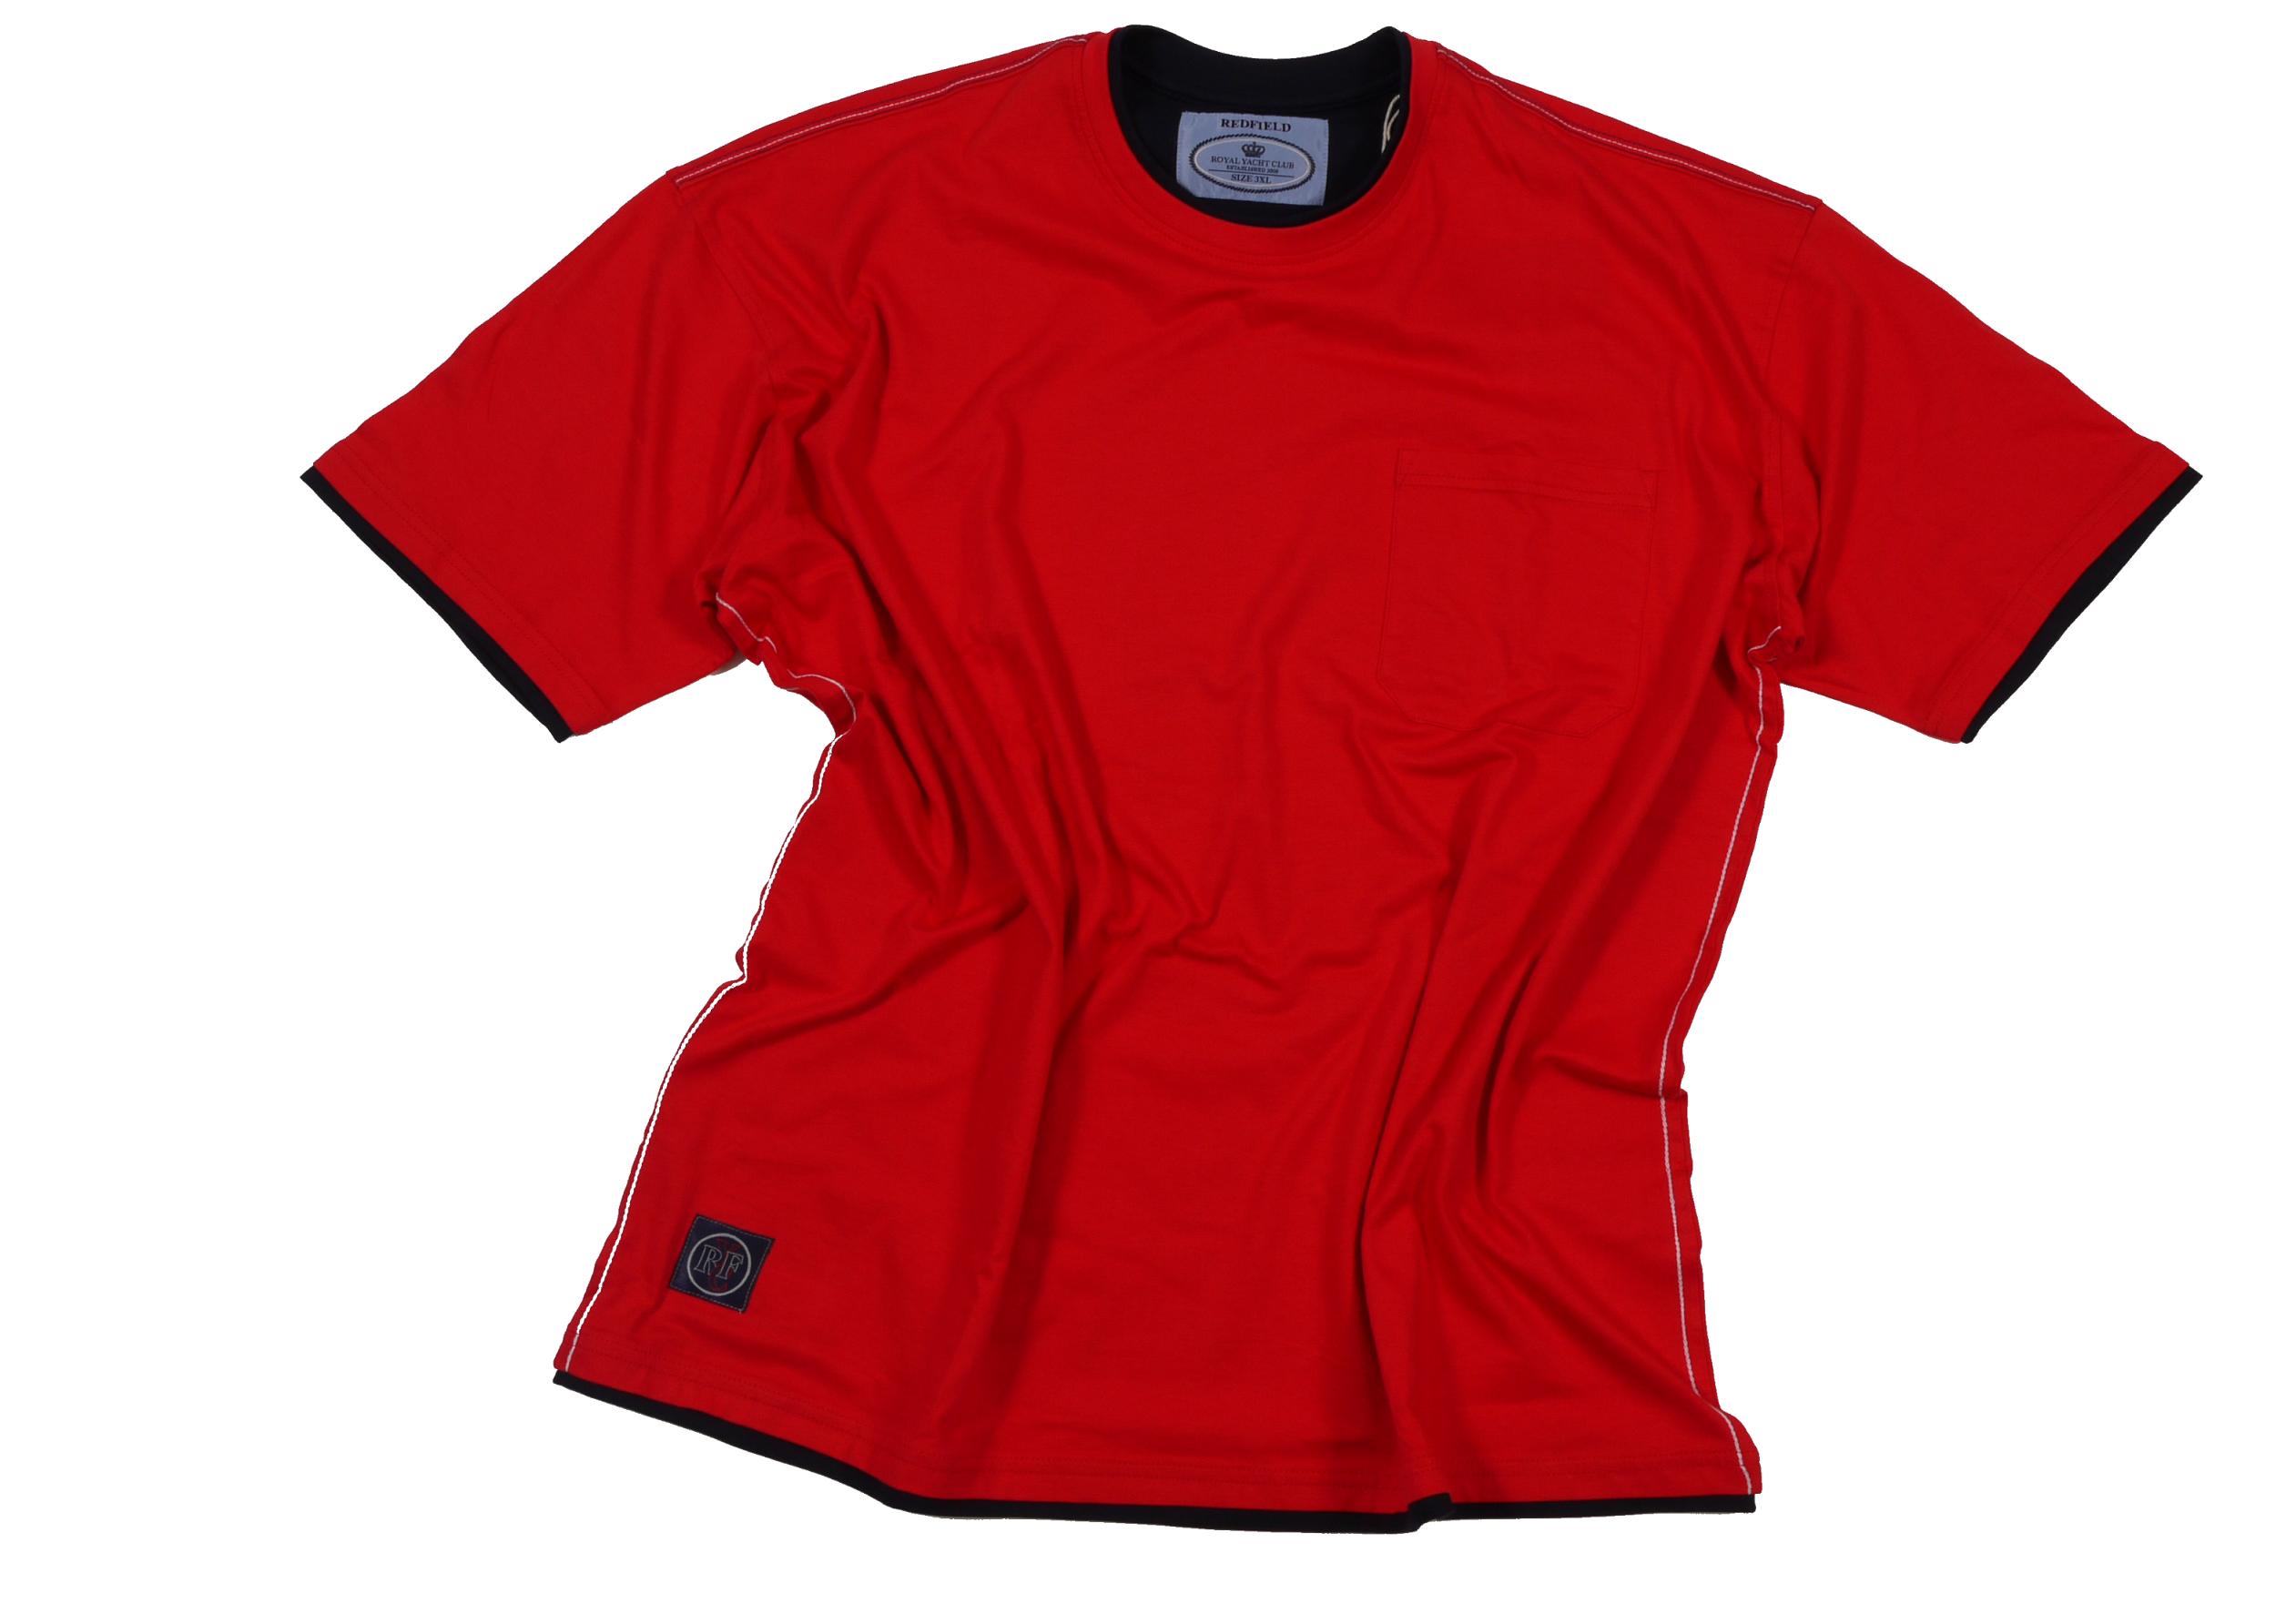 rotes t shirt mit brusttasche von redfield in bergr e. Black Bedroom Furniture Sets. Home Design Ideas